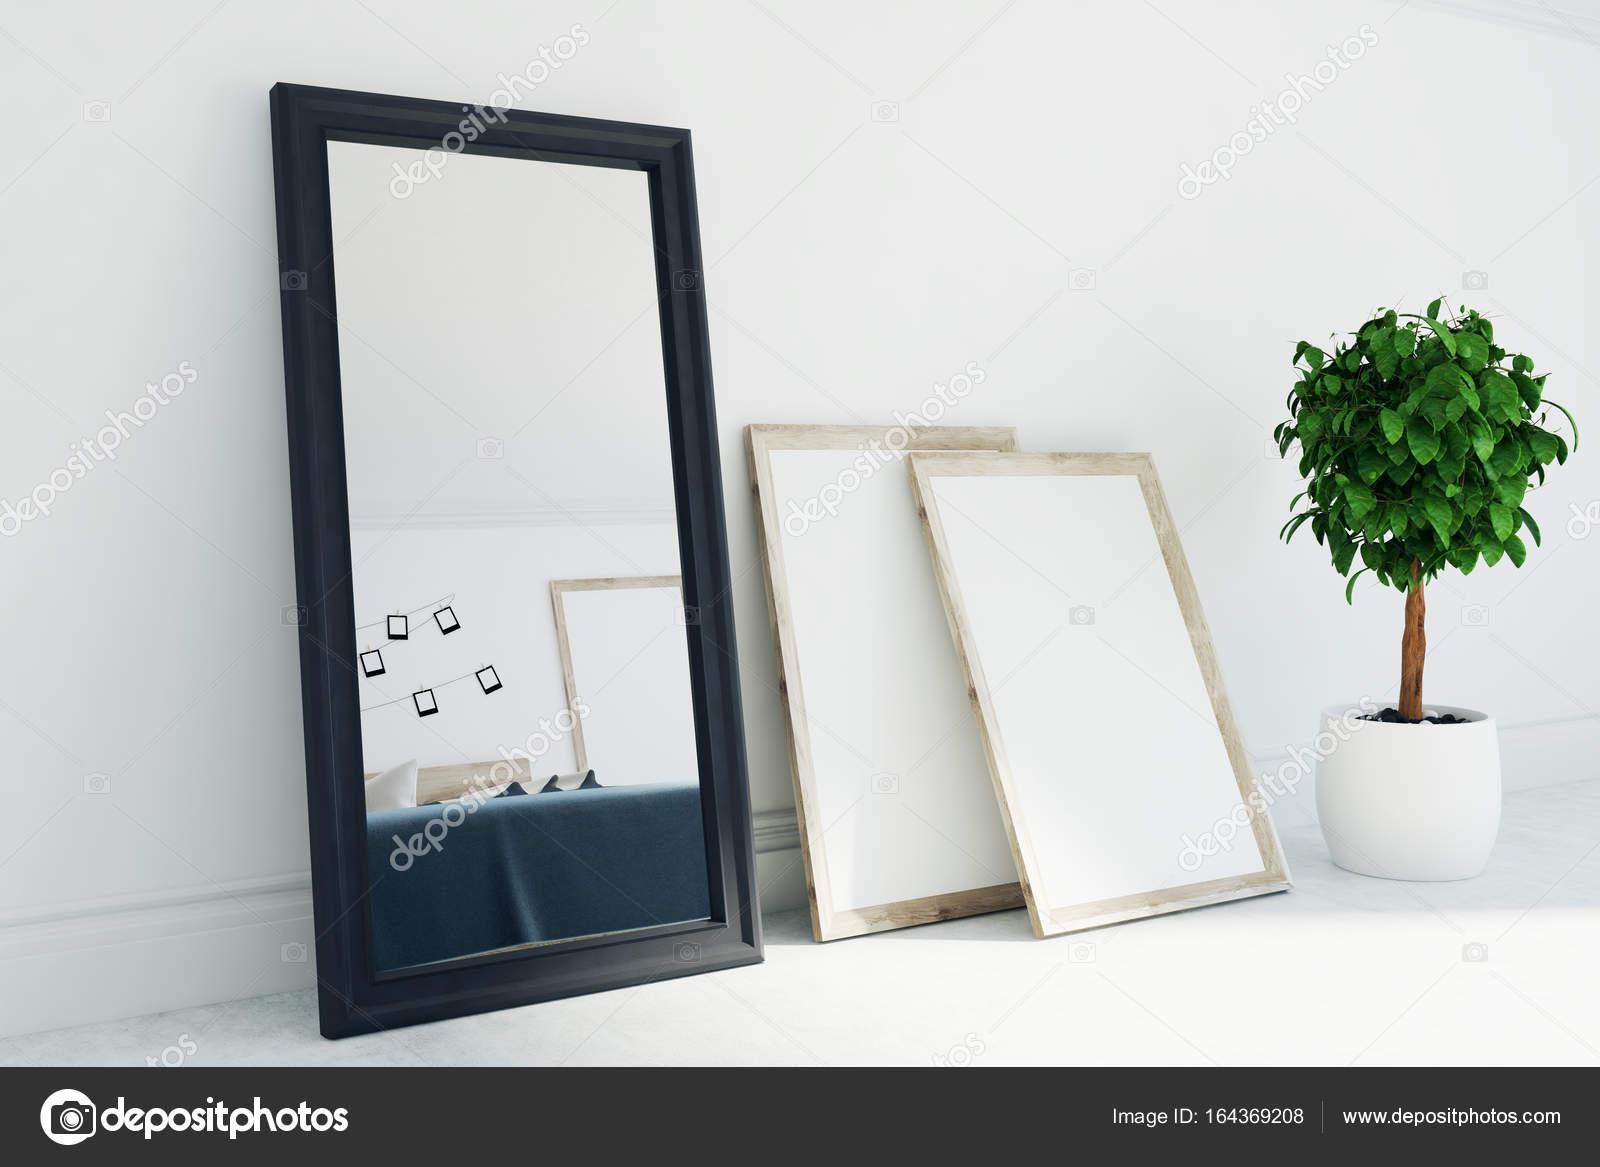 Grau, Wohnzimmer Interieur, Spiegel, Poster, Seite — Stockfoto ...